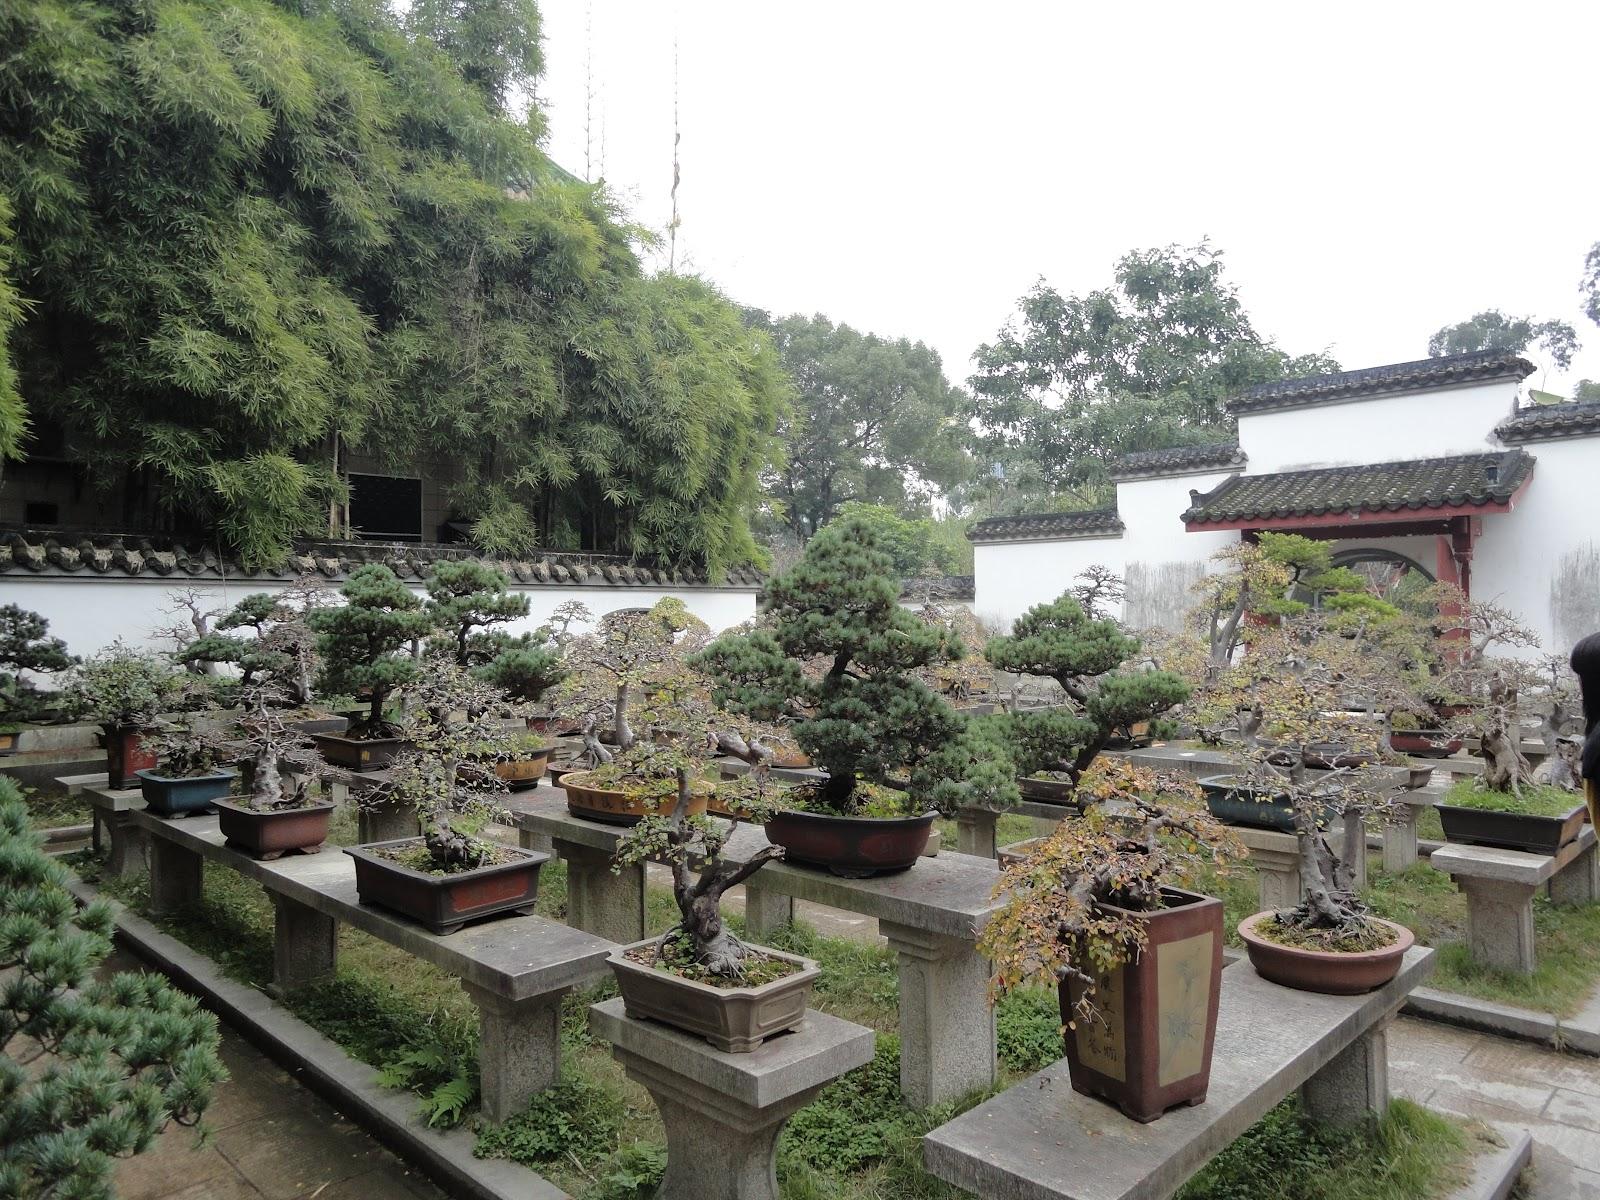 giardino di bonsai in cina saper vivere